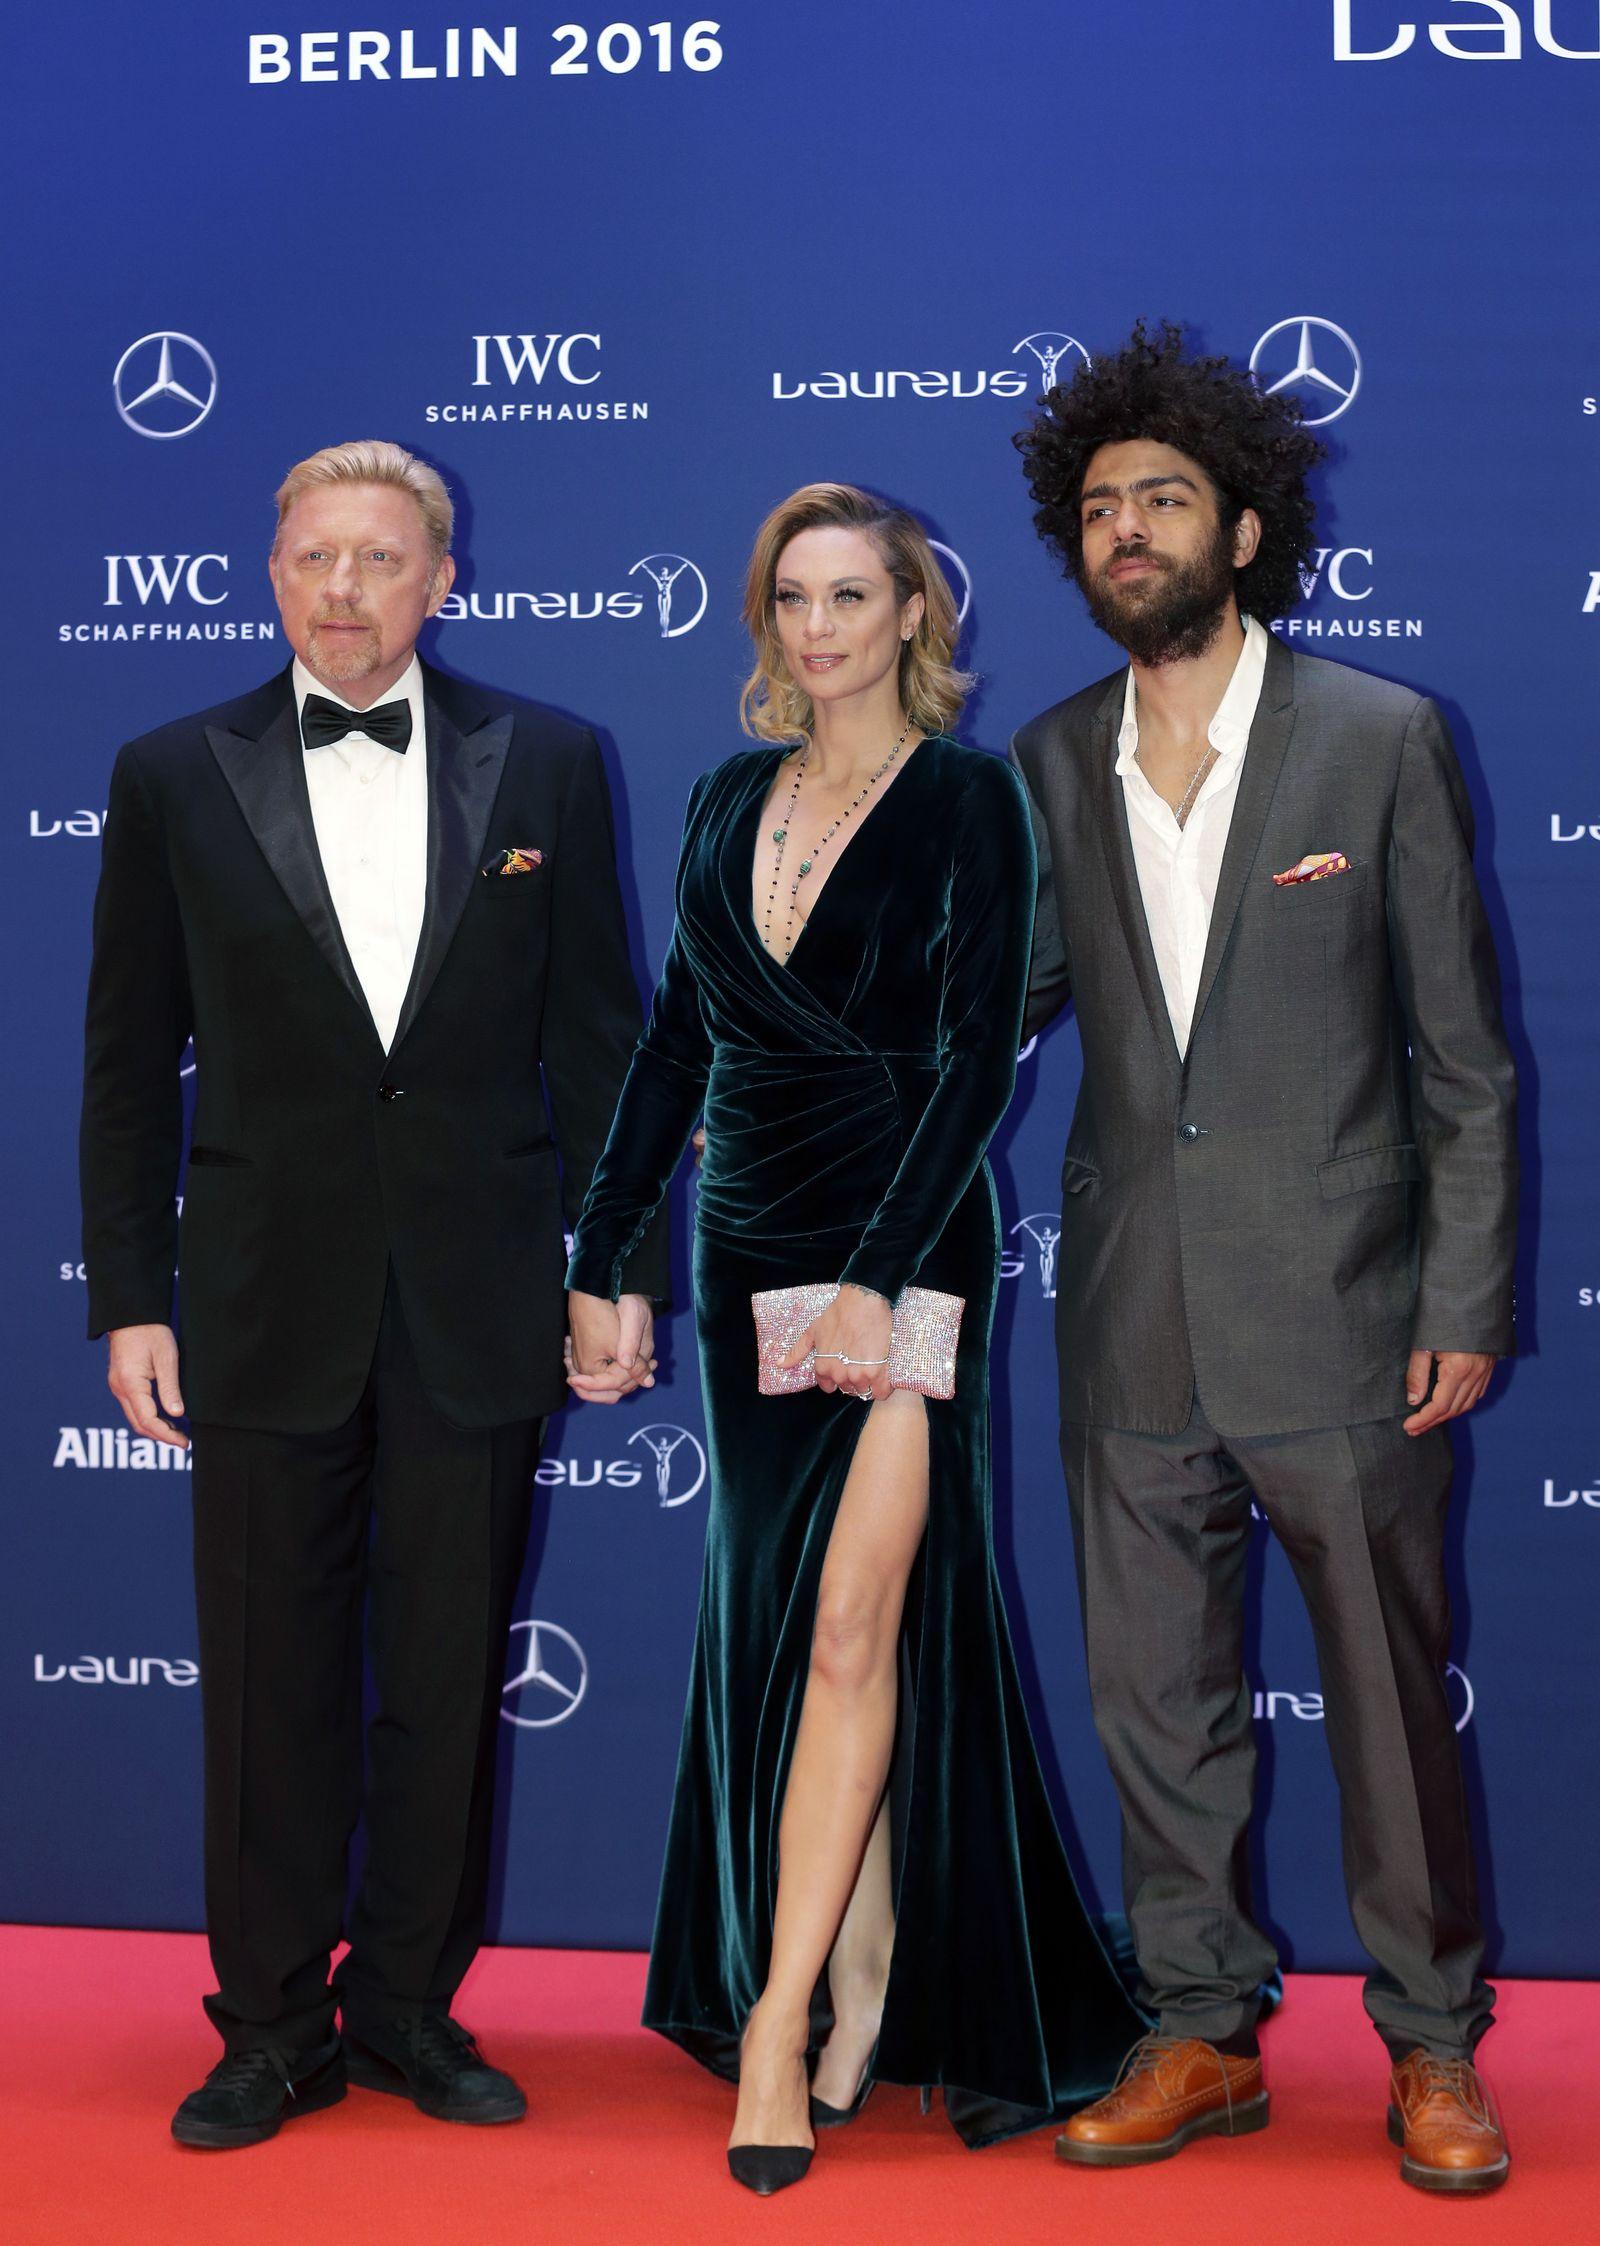 Boris Becker, Lilly Becker and Noah Becker